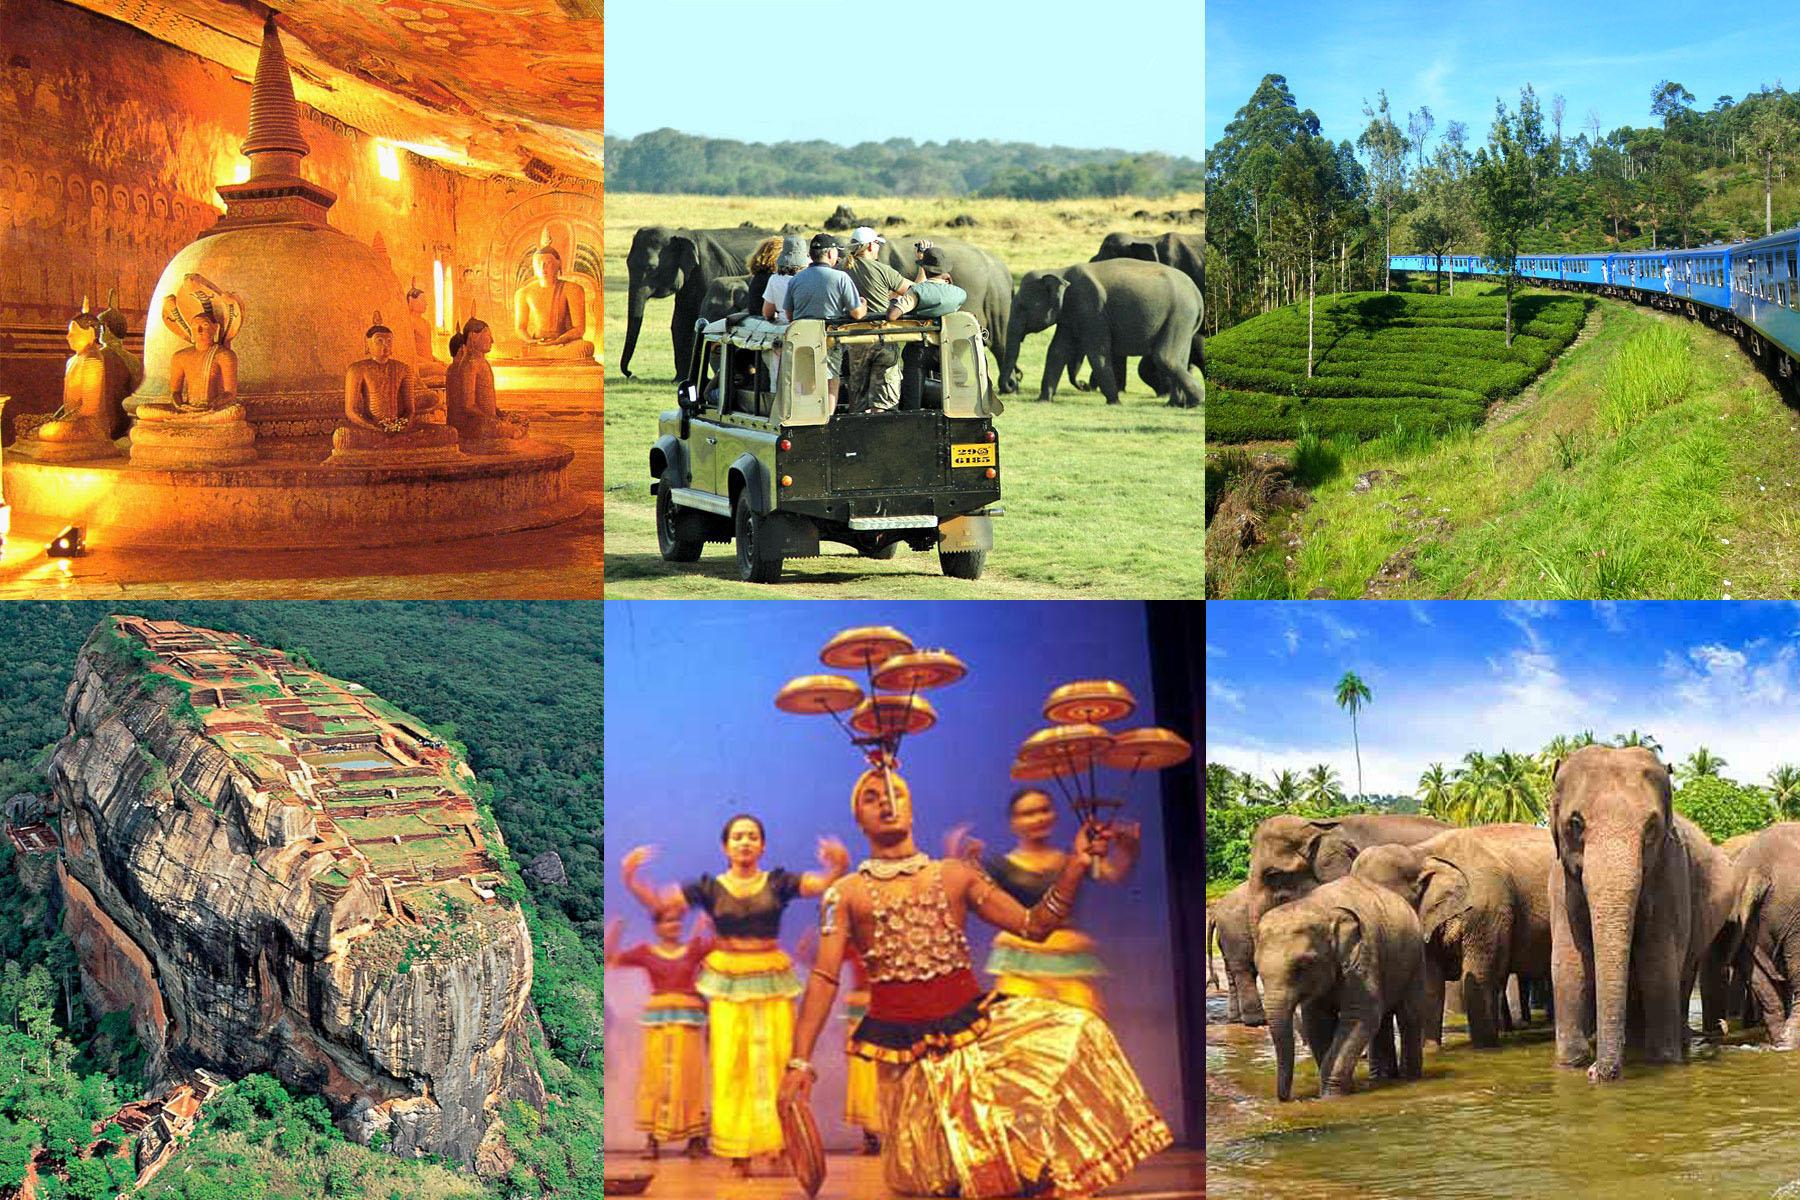 3つの世界遺産 ミンネリヤ国立公園ジープサファリ 高原列車 大満足の4泊ツアー